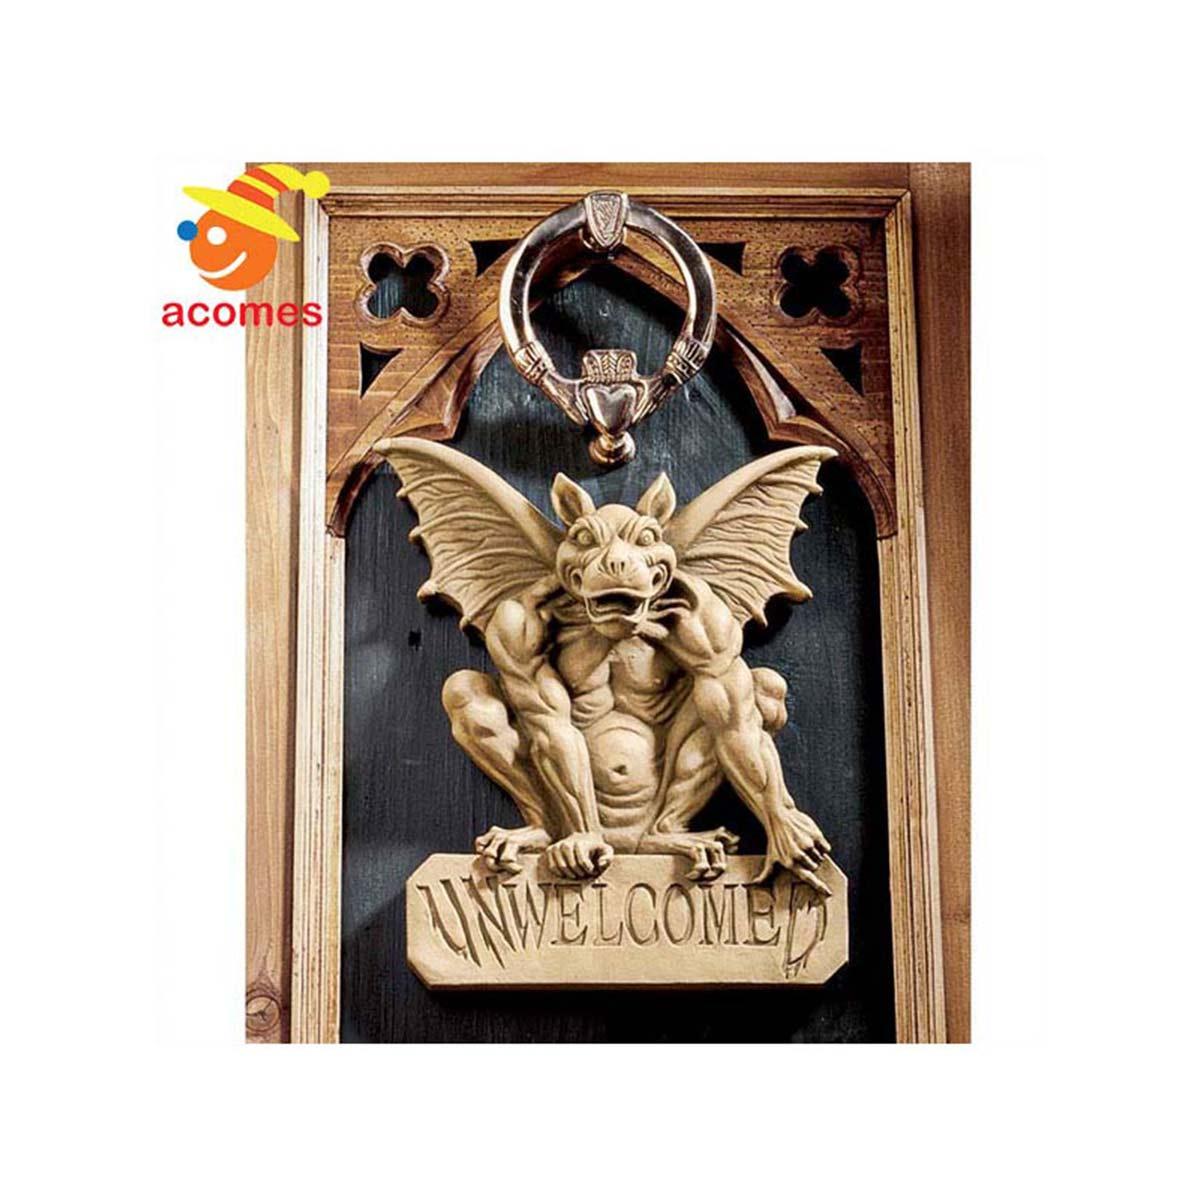 ガーゴイル ゴシック 飾り ウエルカム レリーフ ドア 壁 デコレーション ハロウィン イベント パーティー ファンタジー 魔除け 守護